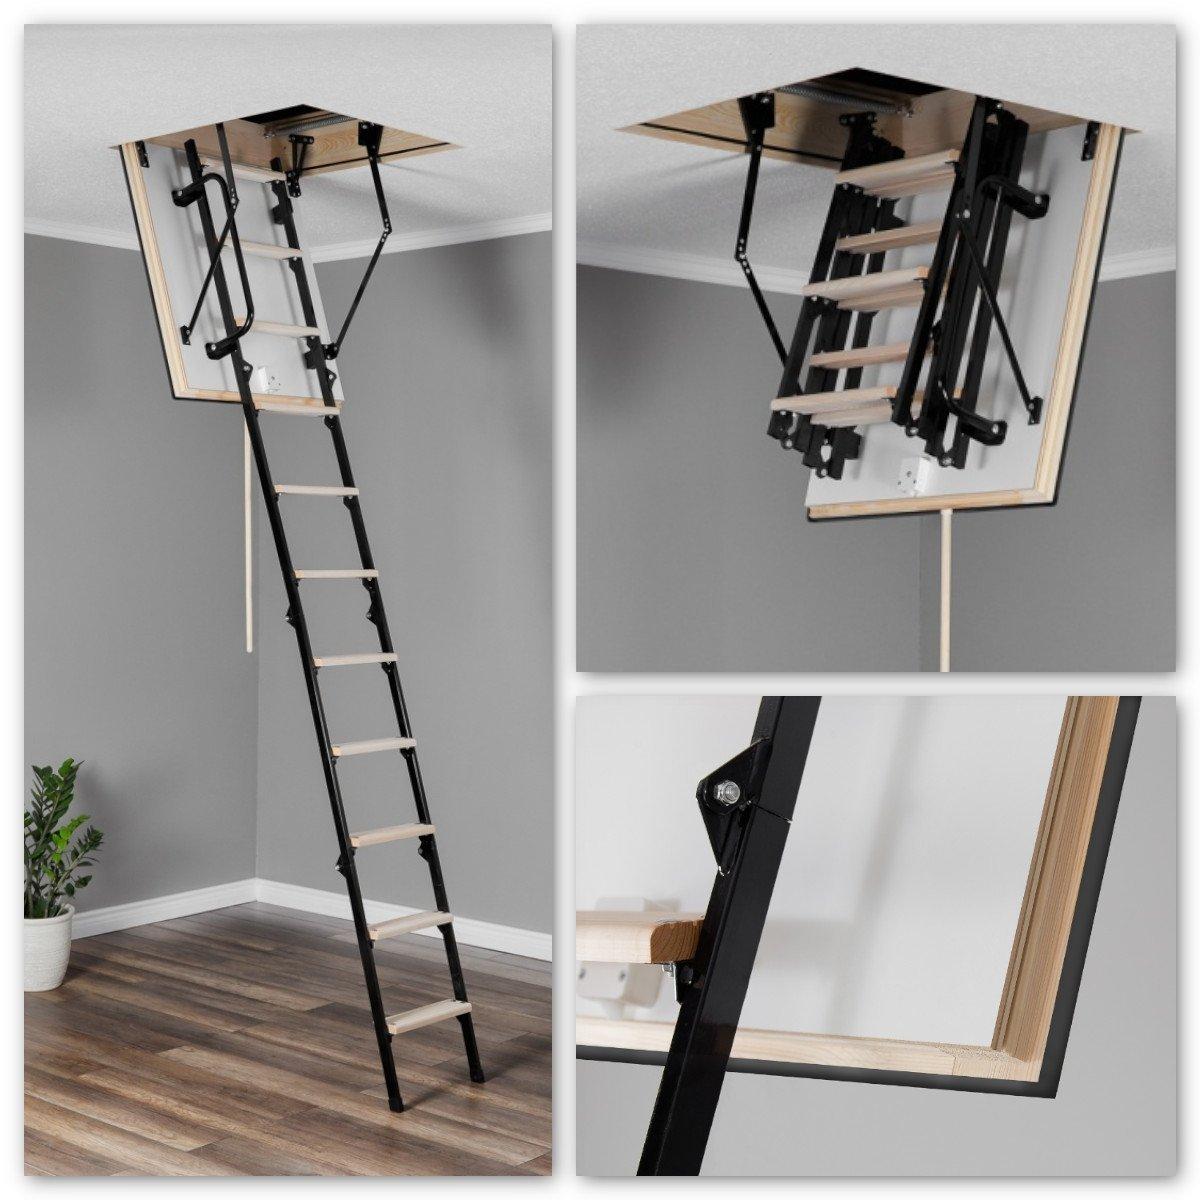 bodentreppe oman mini ei 45 metalltreppe mit holzstufen metalltreppe bodentreppe. Black Bedroom Furniture Sets. Home Design Ideas